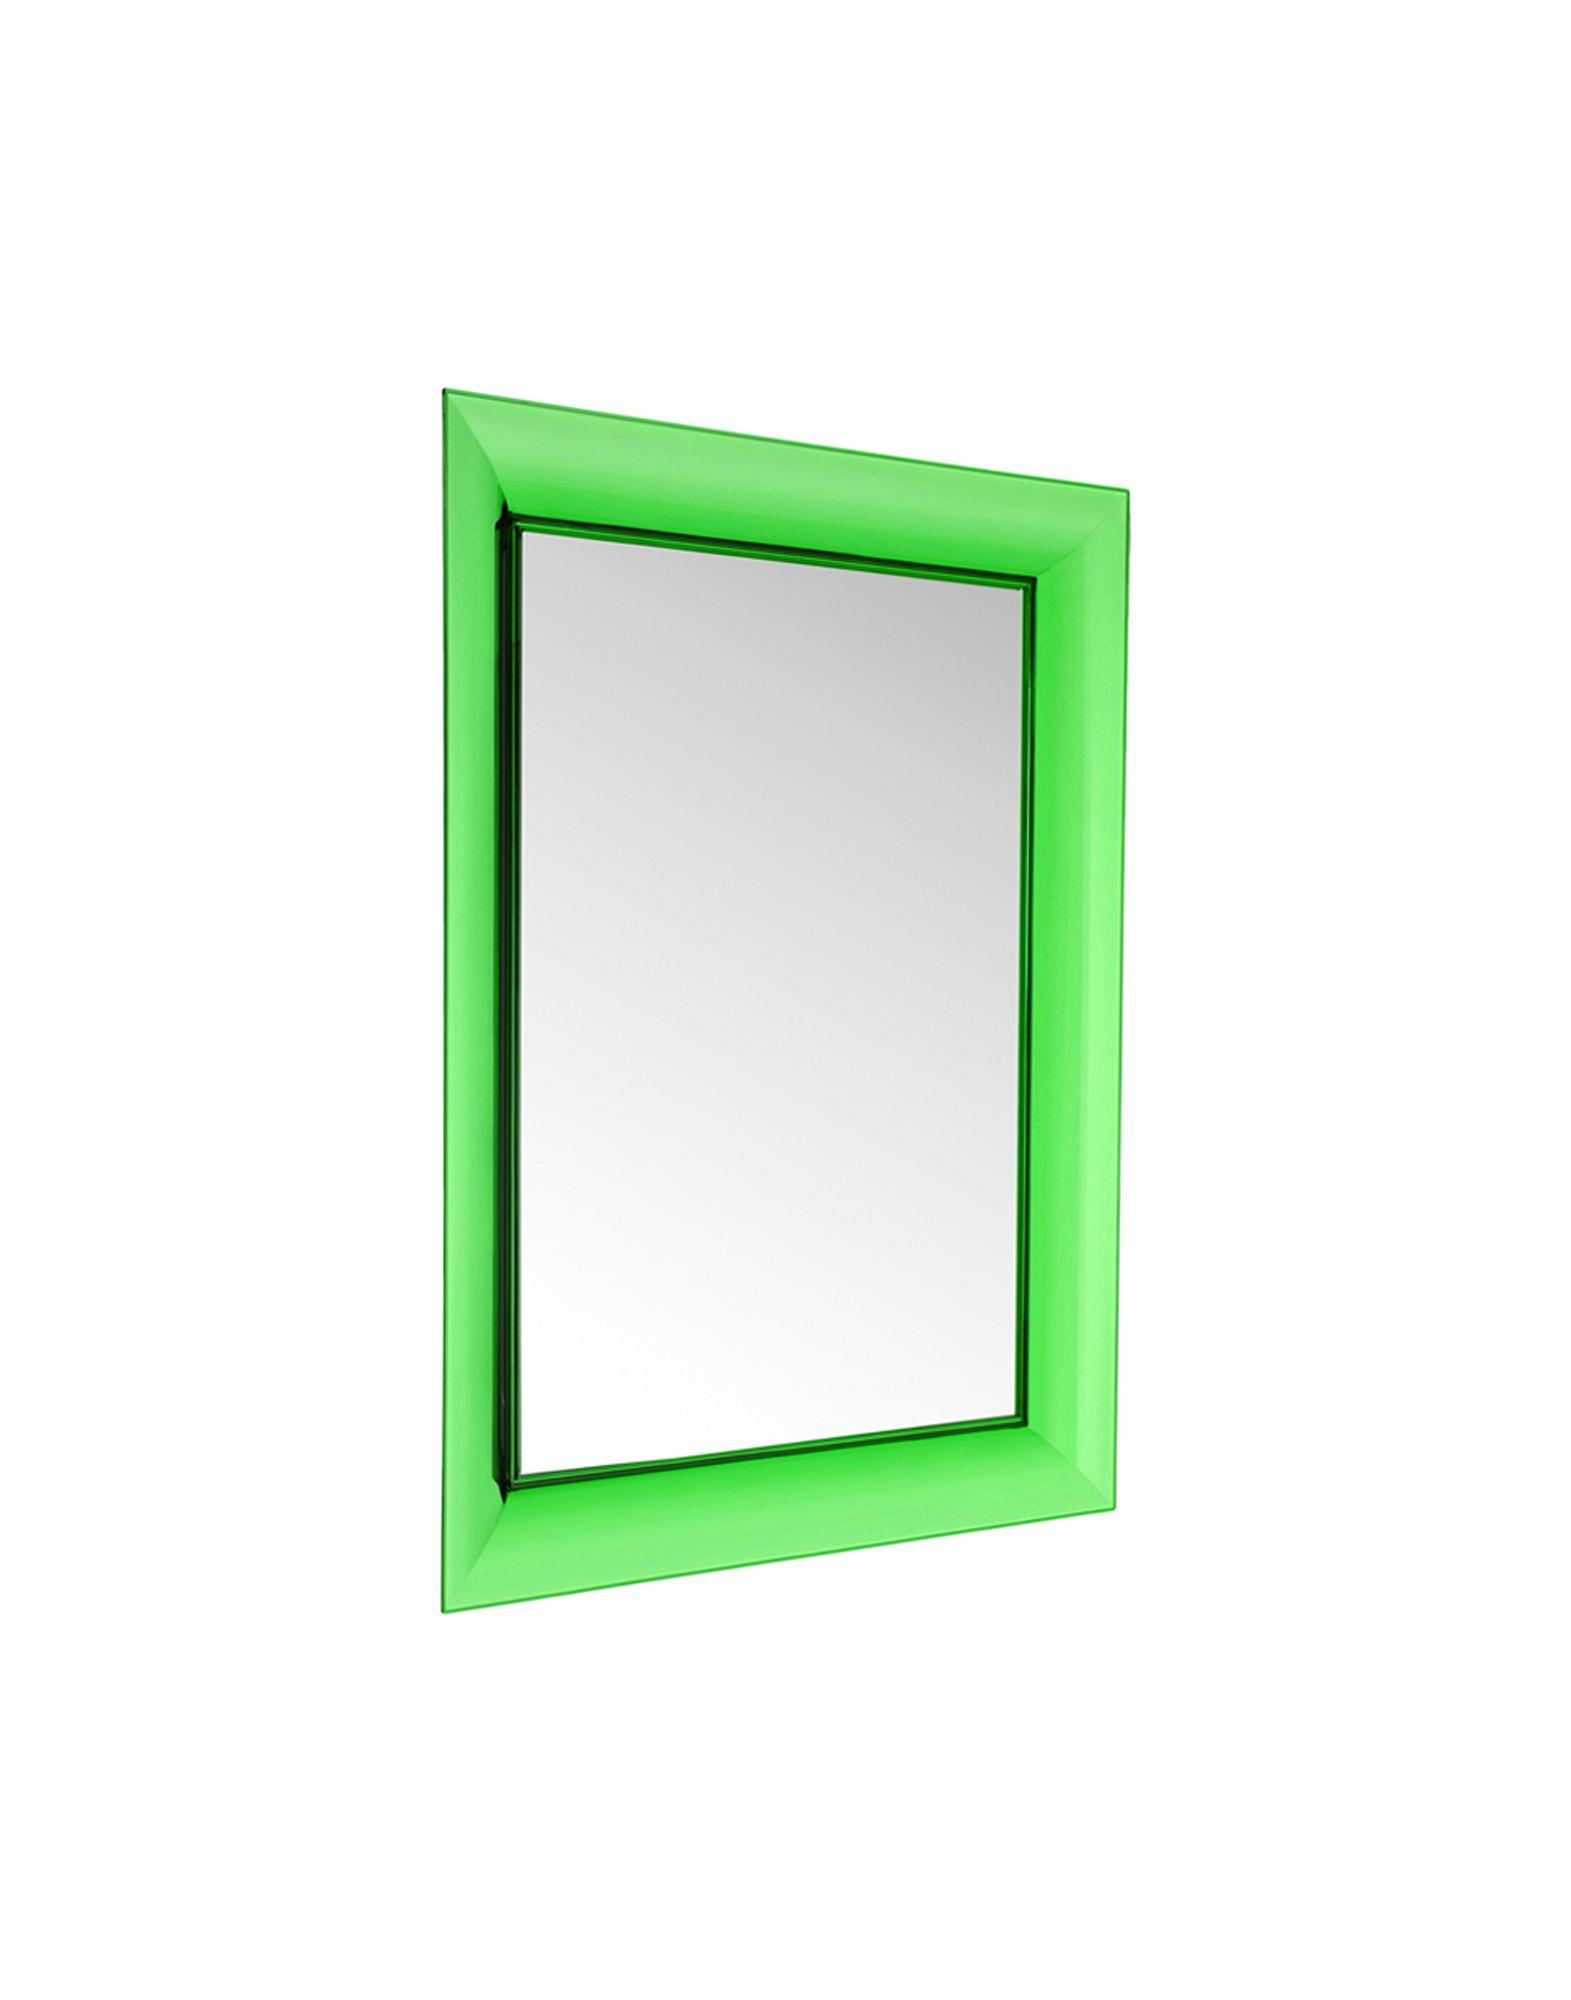 Kartell specchio francois ghost verde bottiglia specchi newformsdesign - Kartell specchio ghost ...